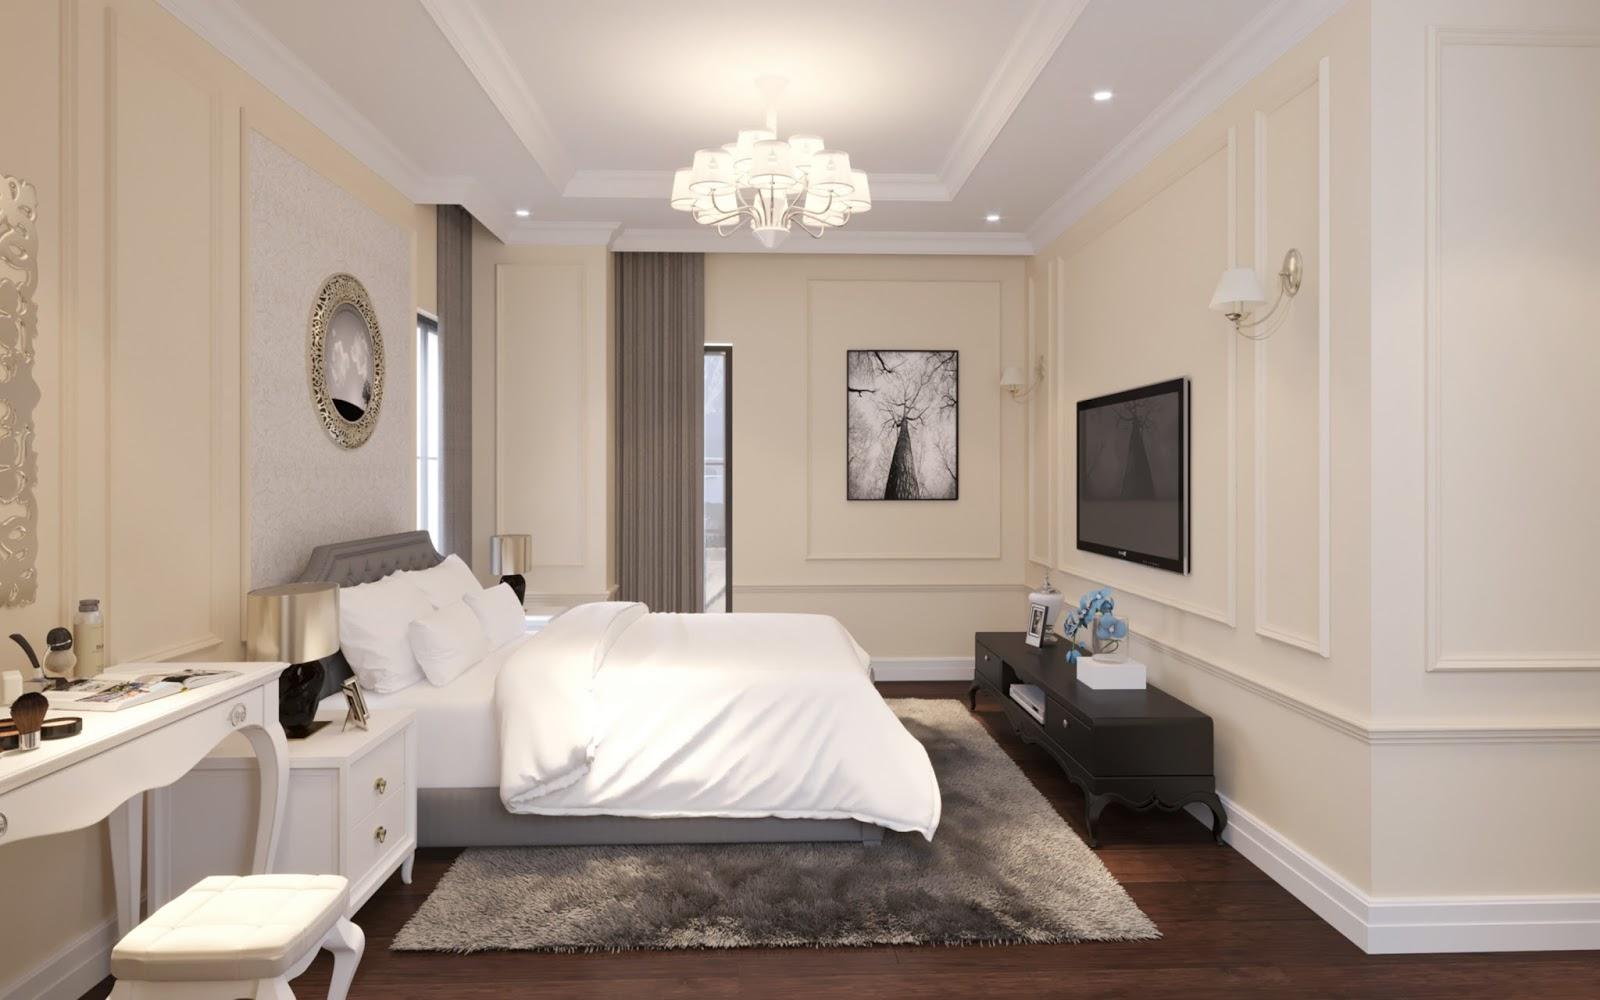 Kết quả hình ảnh cho nội thất căn hộ dự án iris garden